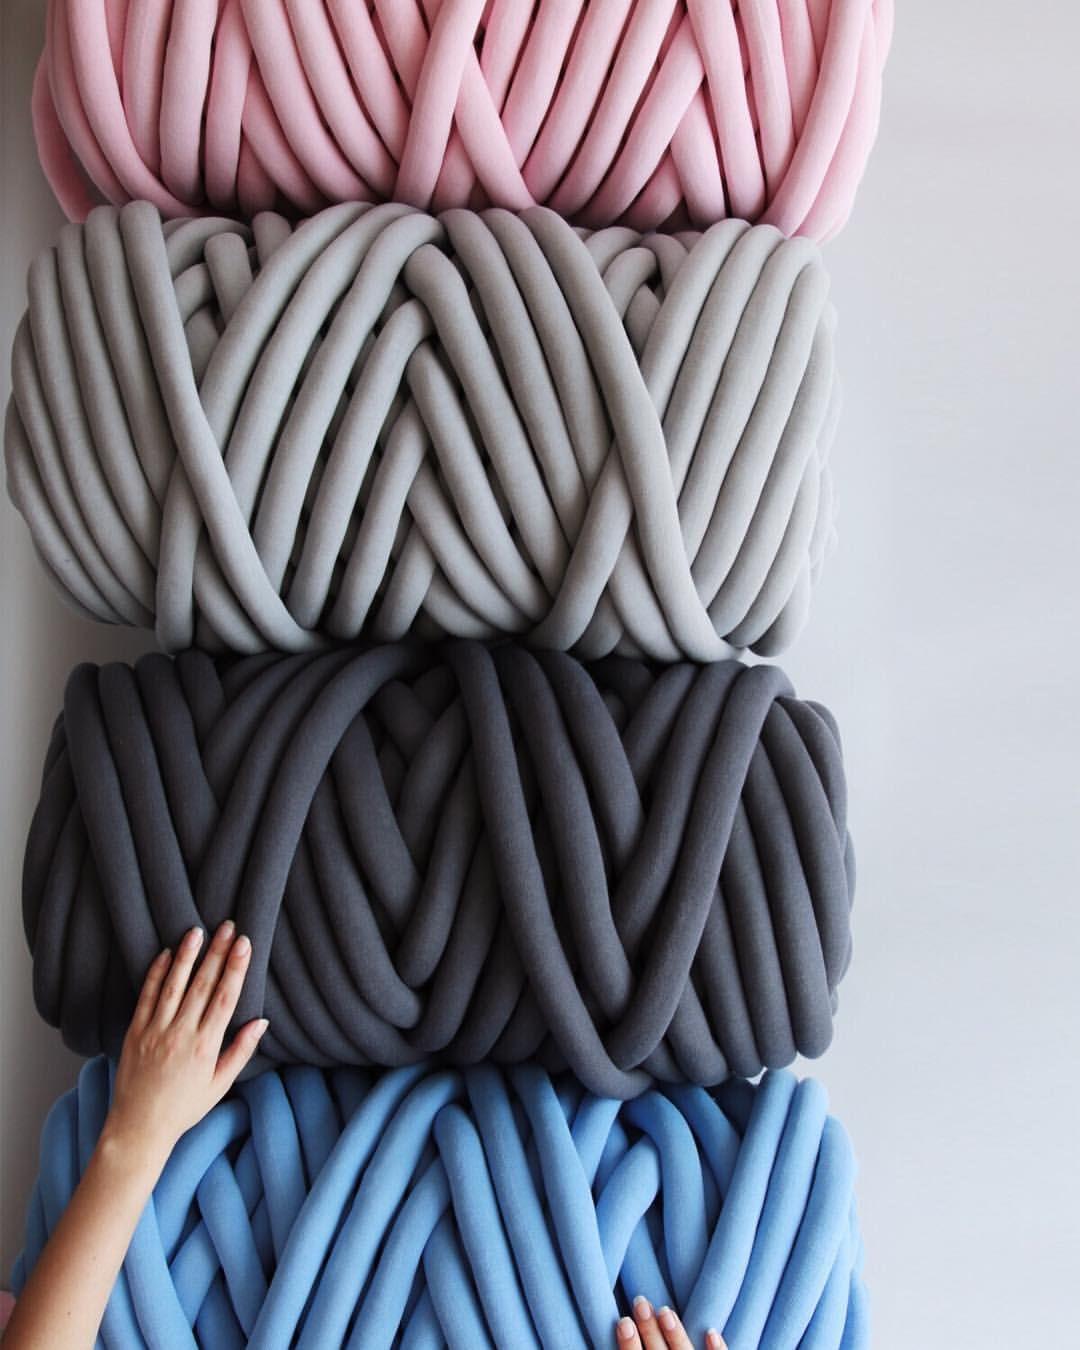 Braid Big yarn blanket, Blanket diy, Diy knit blanket